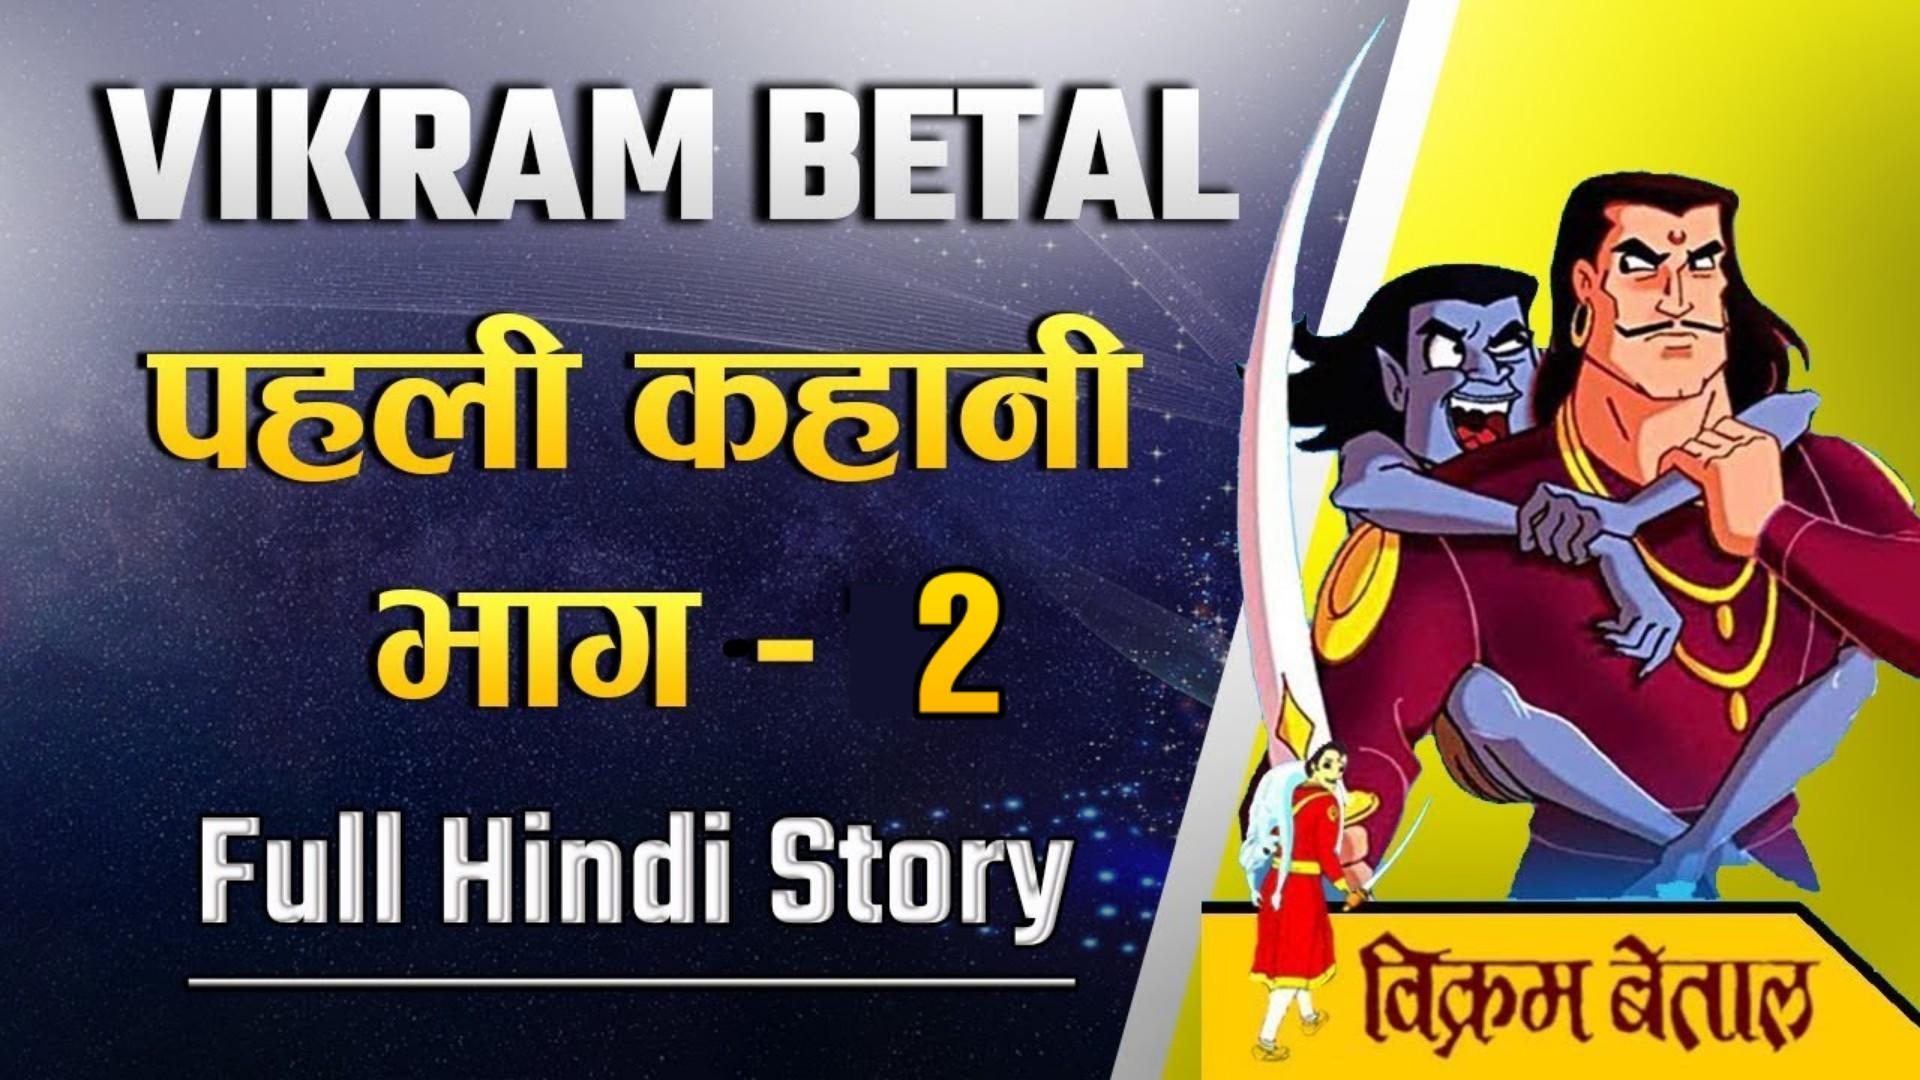 Vikram-Vetal Hindi Kahaniya Part 2